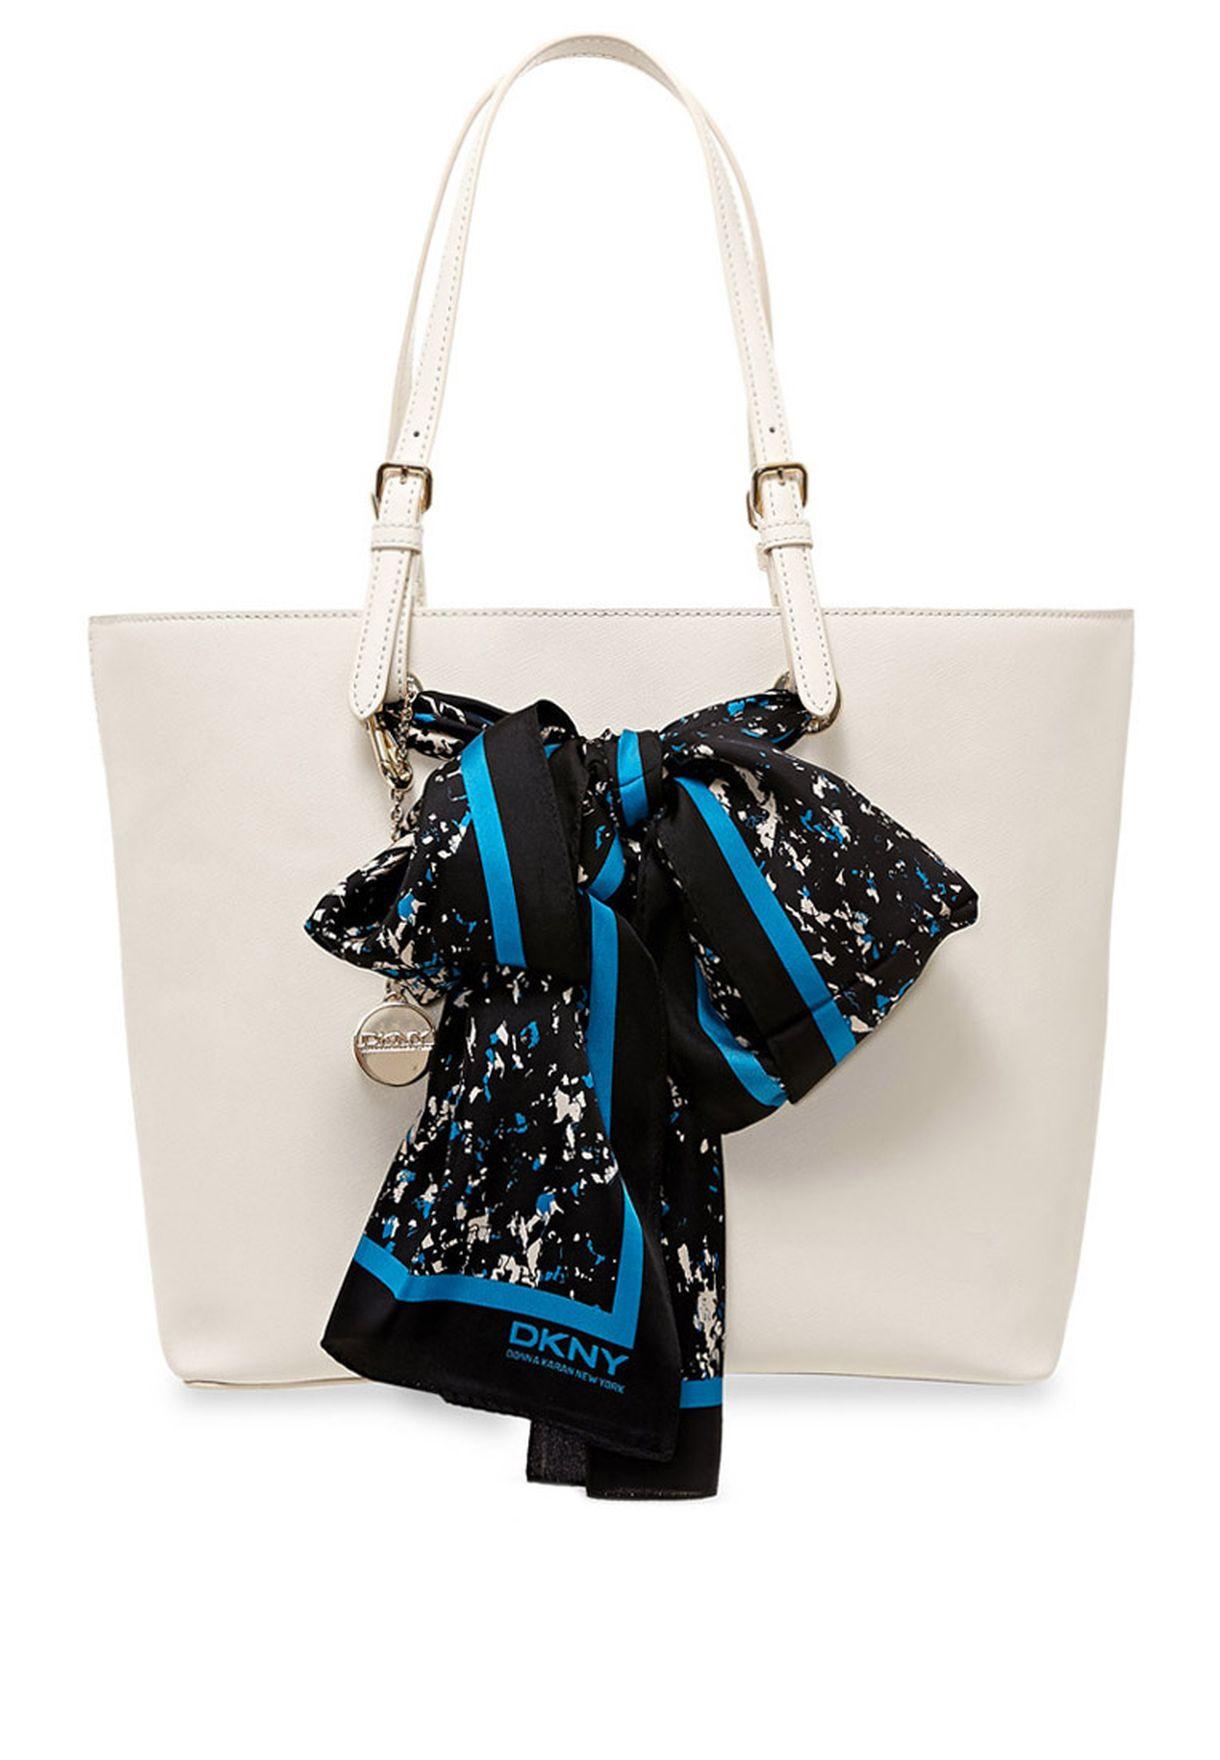 30a3f57938eda Shop DKNY blue Bow Shopper R3310901 for Women in UAE - DK790AC44JBR